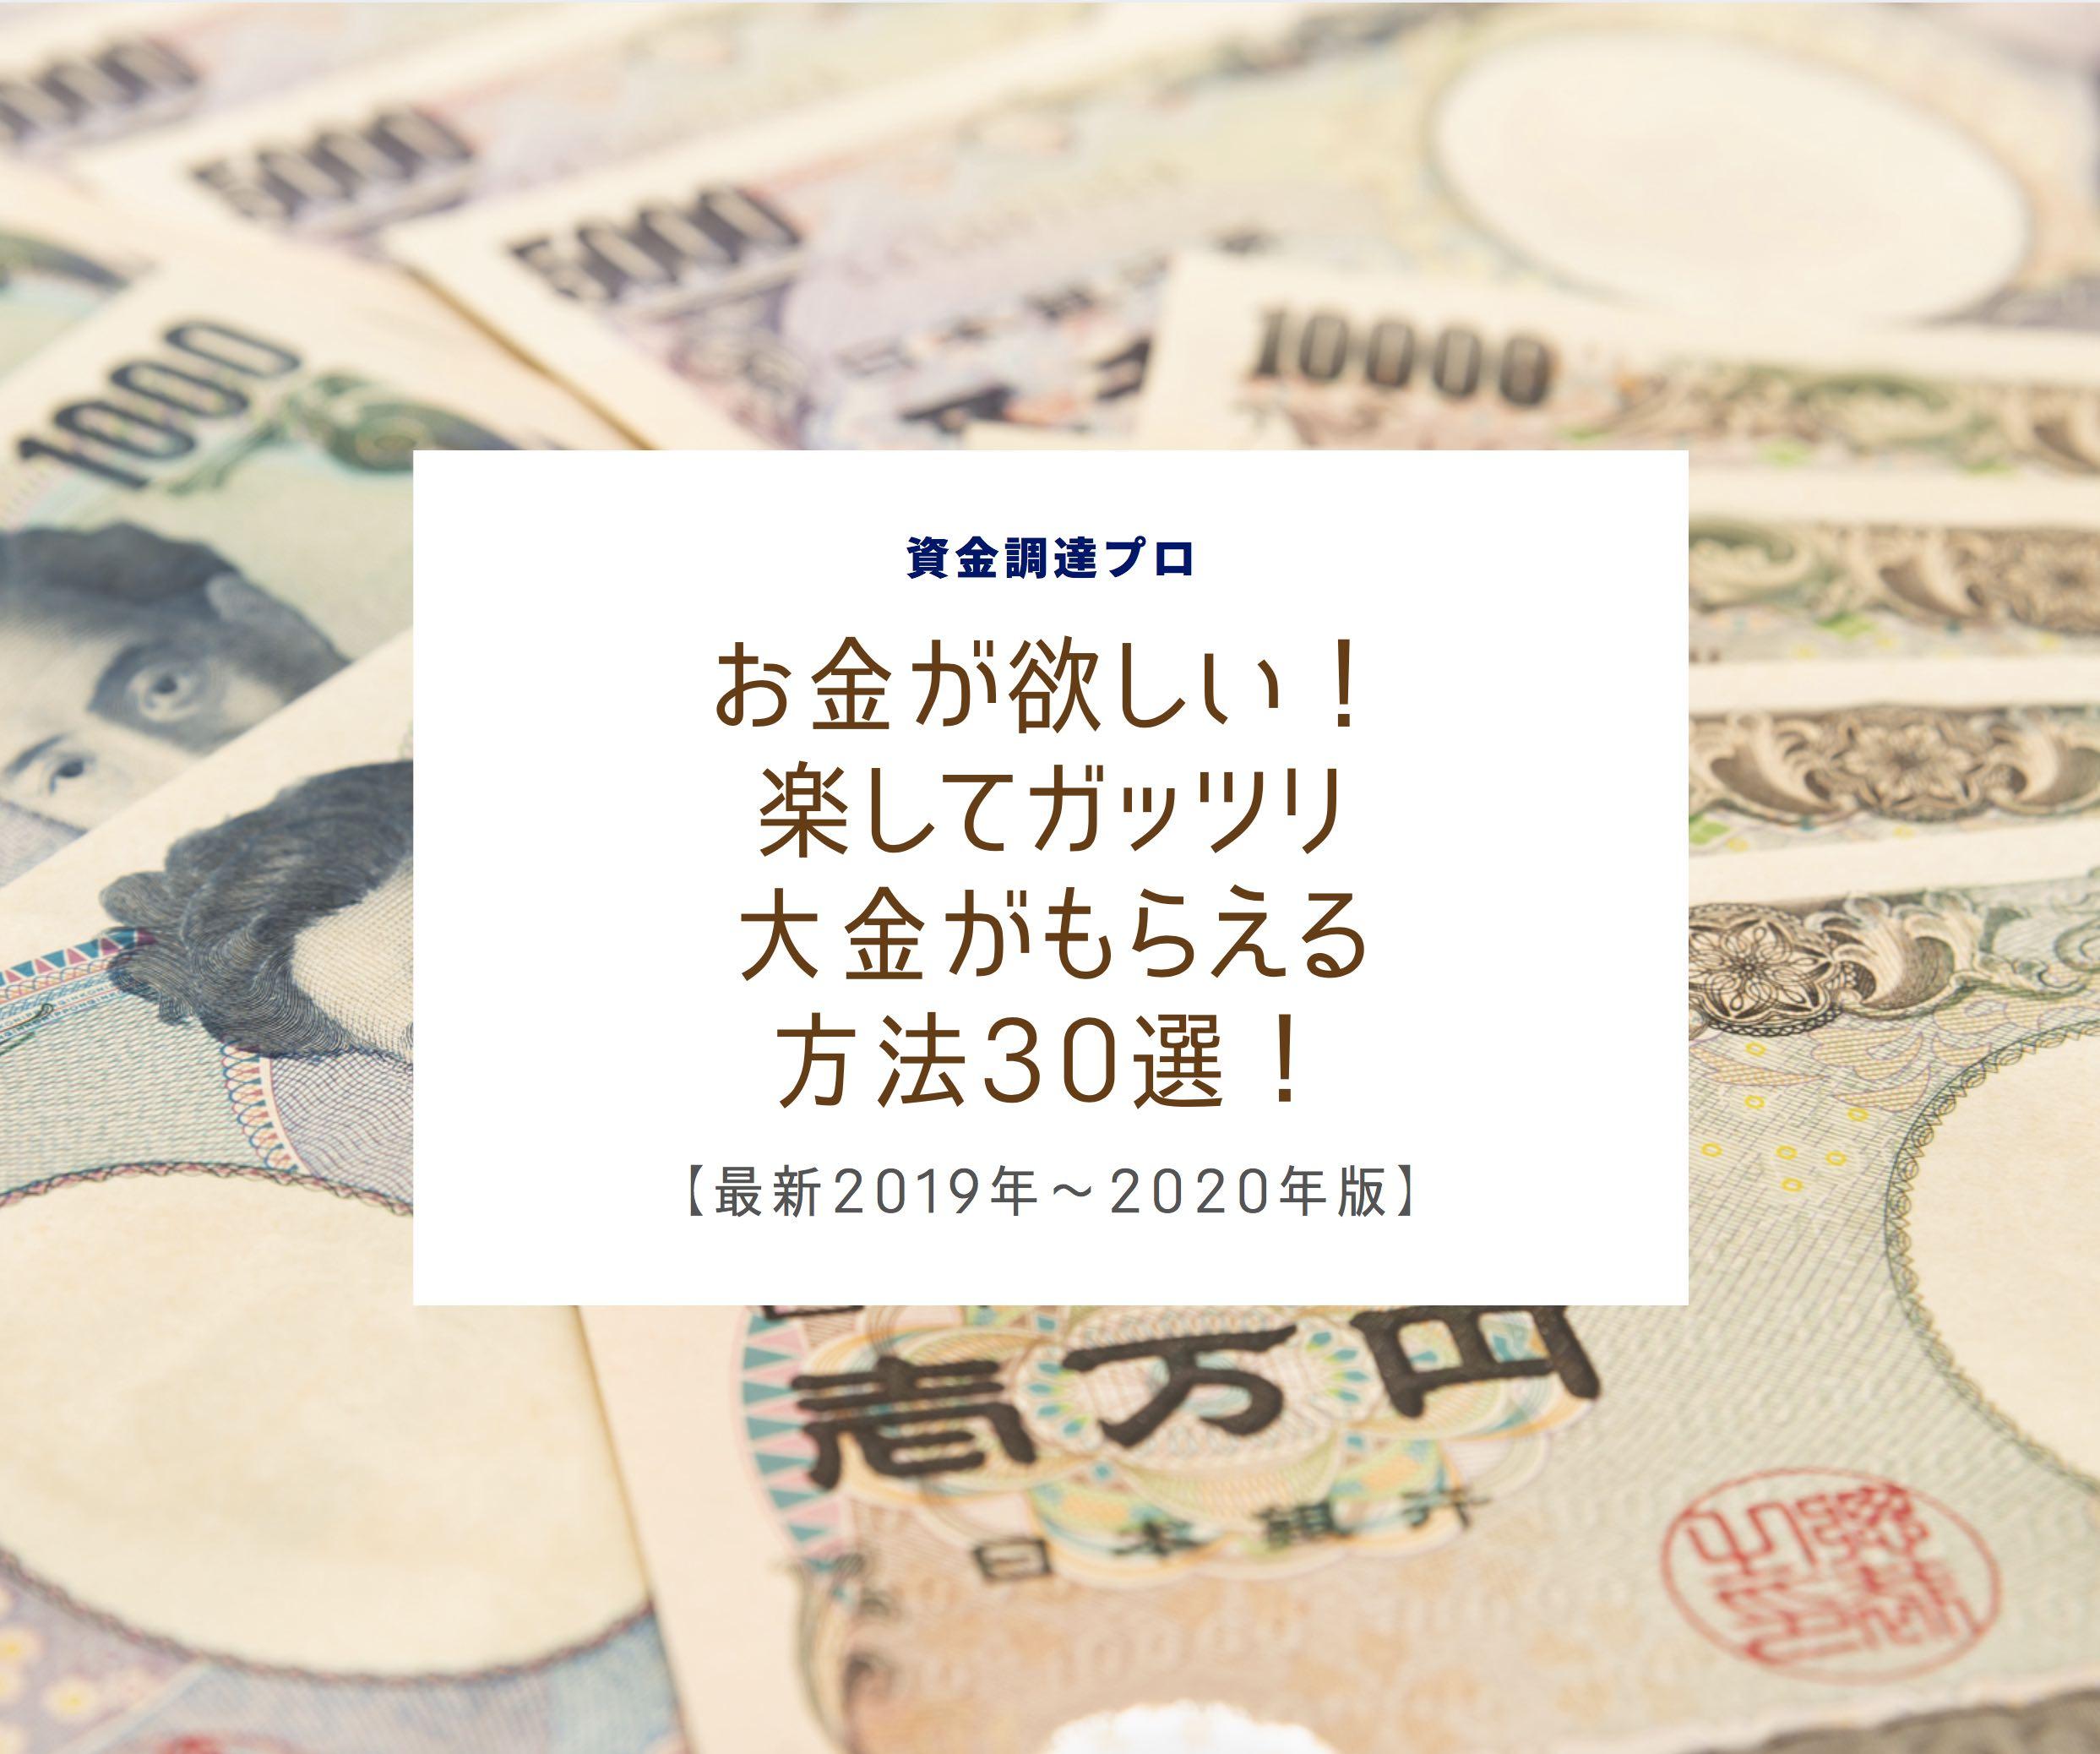 【最新2020年〜2020年版】お金が欲しい!楽してガッツリ大金がもらえる方法30選!